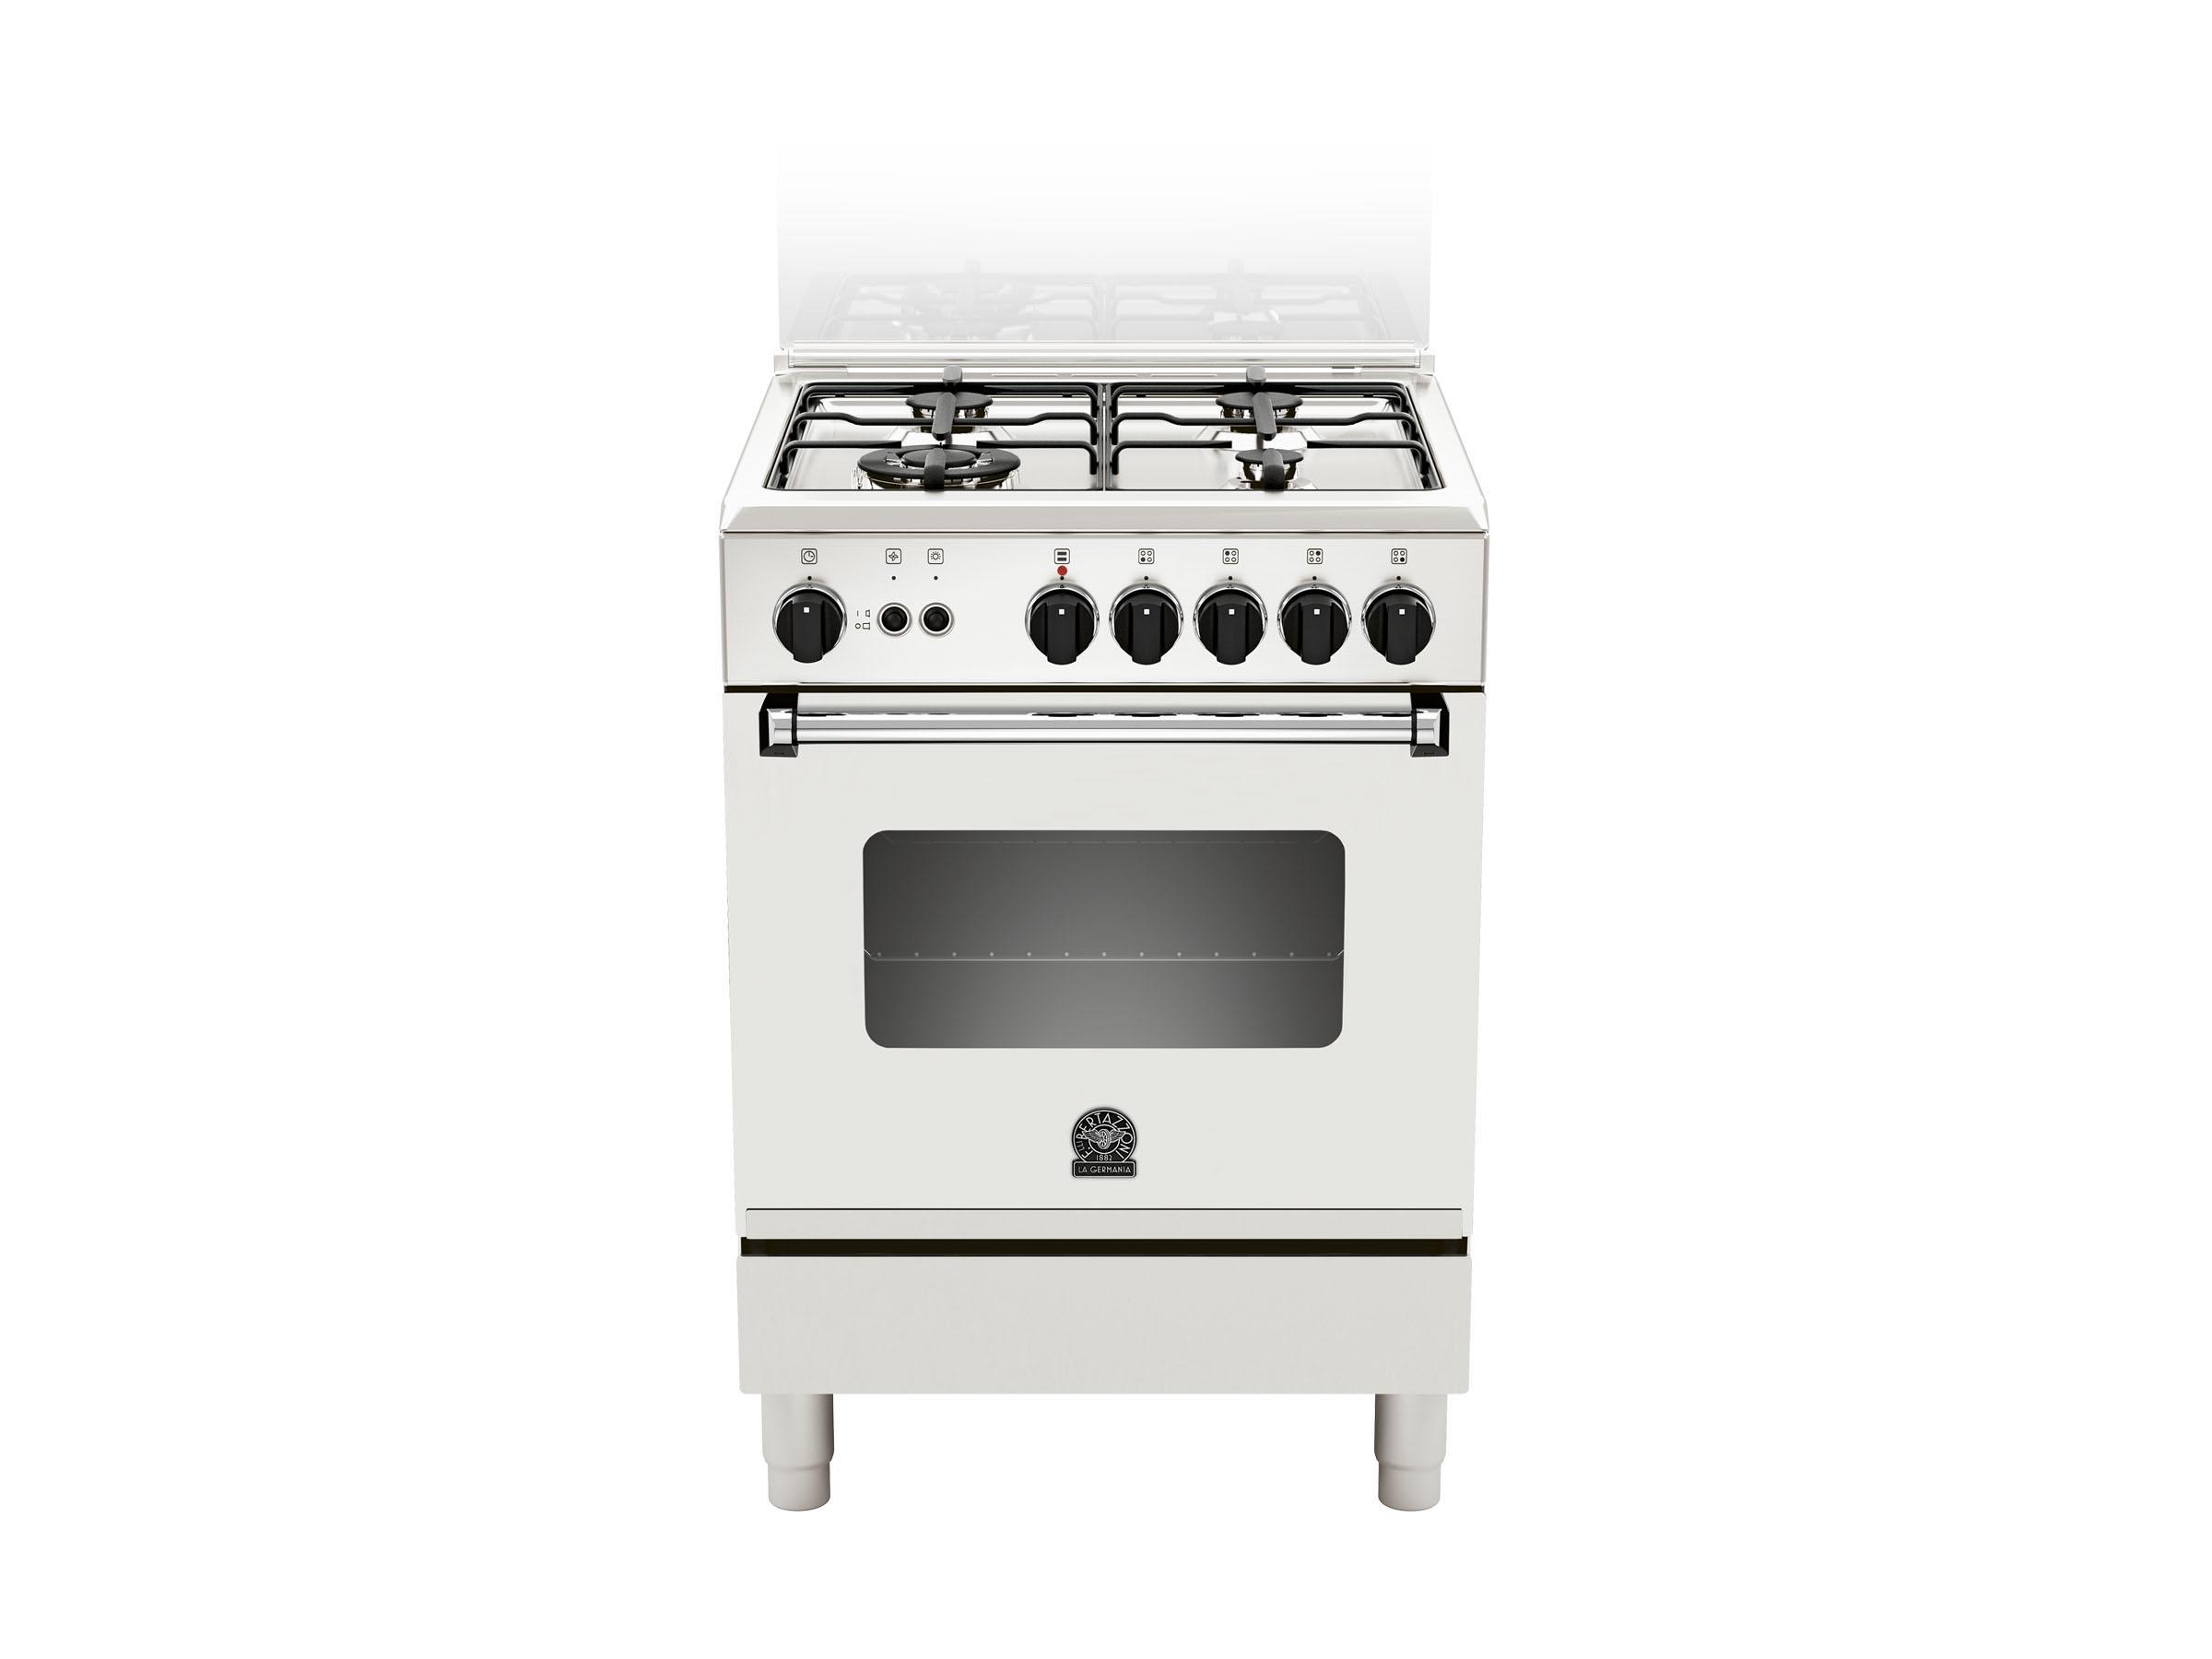 60x50 4-bruciatori forno elettrico dw | bertazzoni la germania - Cucina A Gas Con Forno Elettrico Ventilato